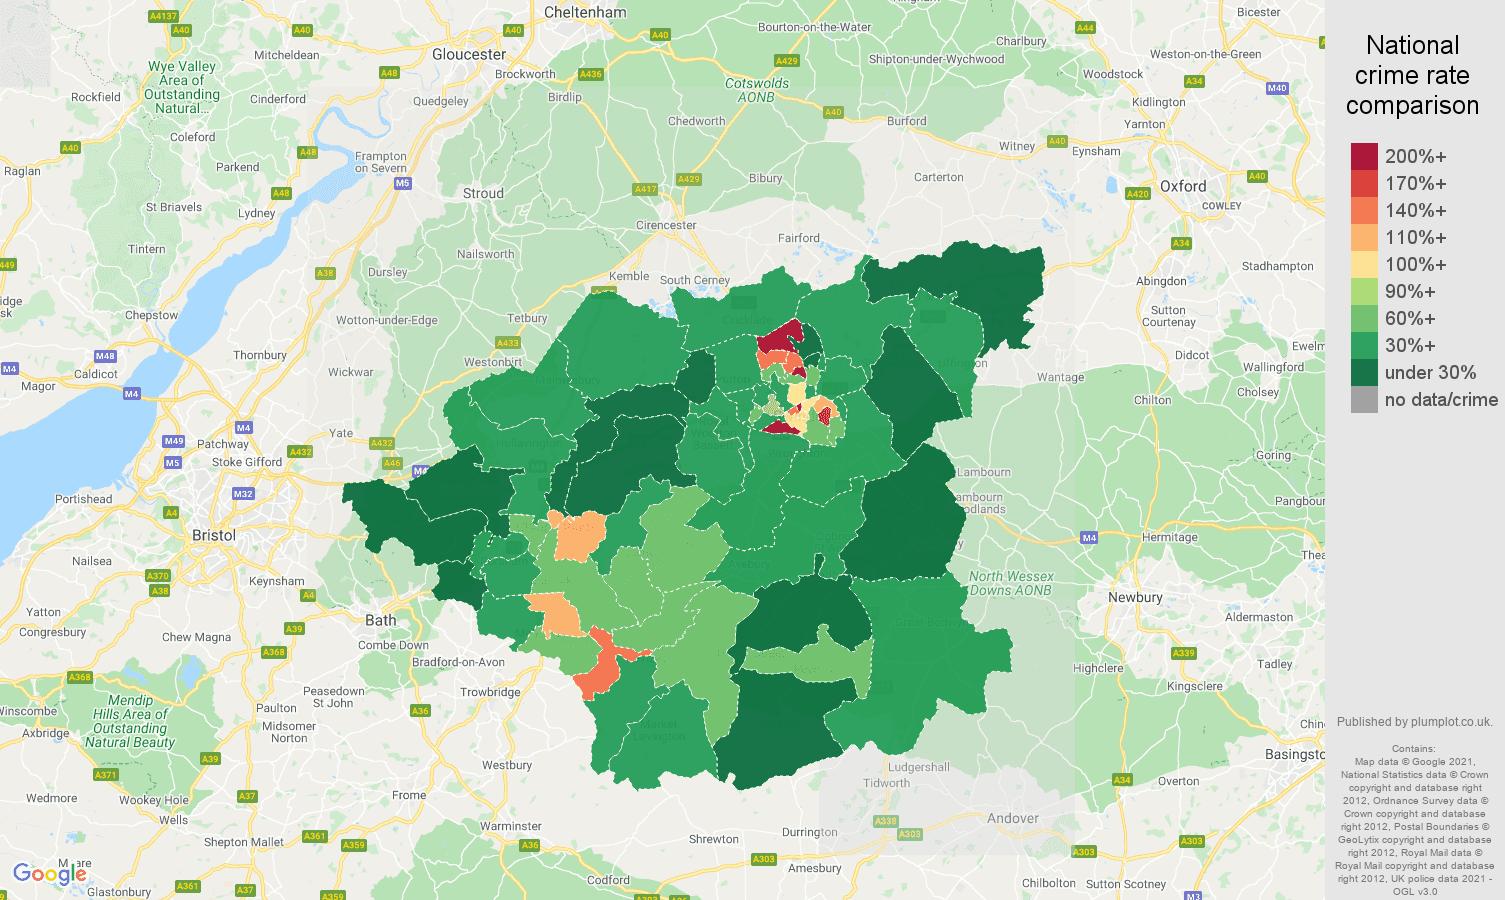 Swindon antisocial behaviour crime rate comparison map